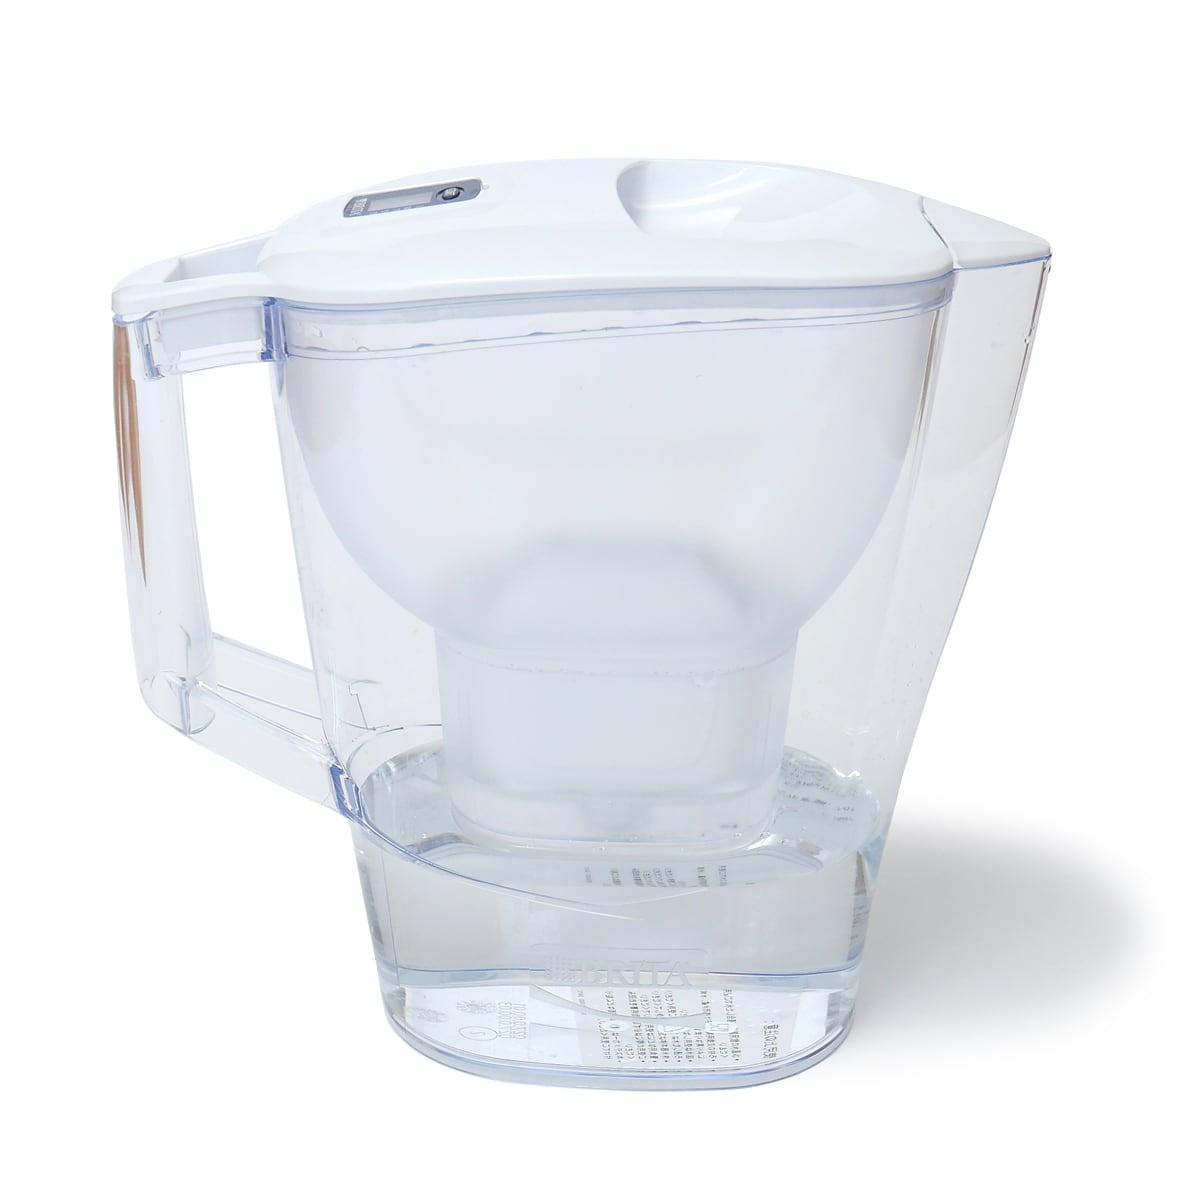 ブリタ アルーナ 2.4L ポット型浄水器 水を入れて浄水した様子